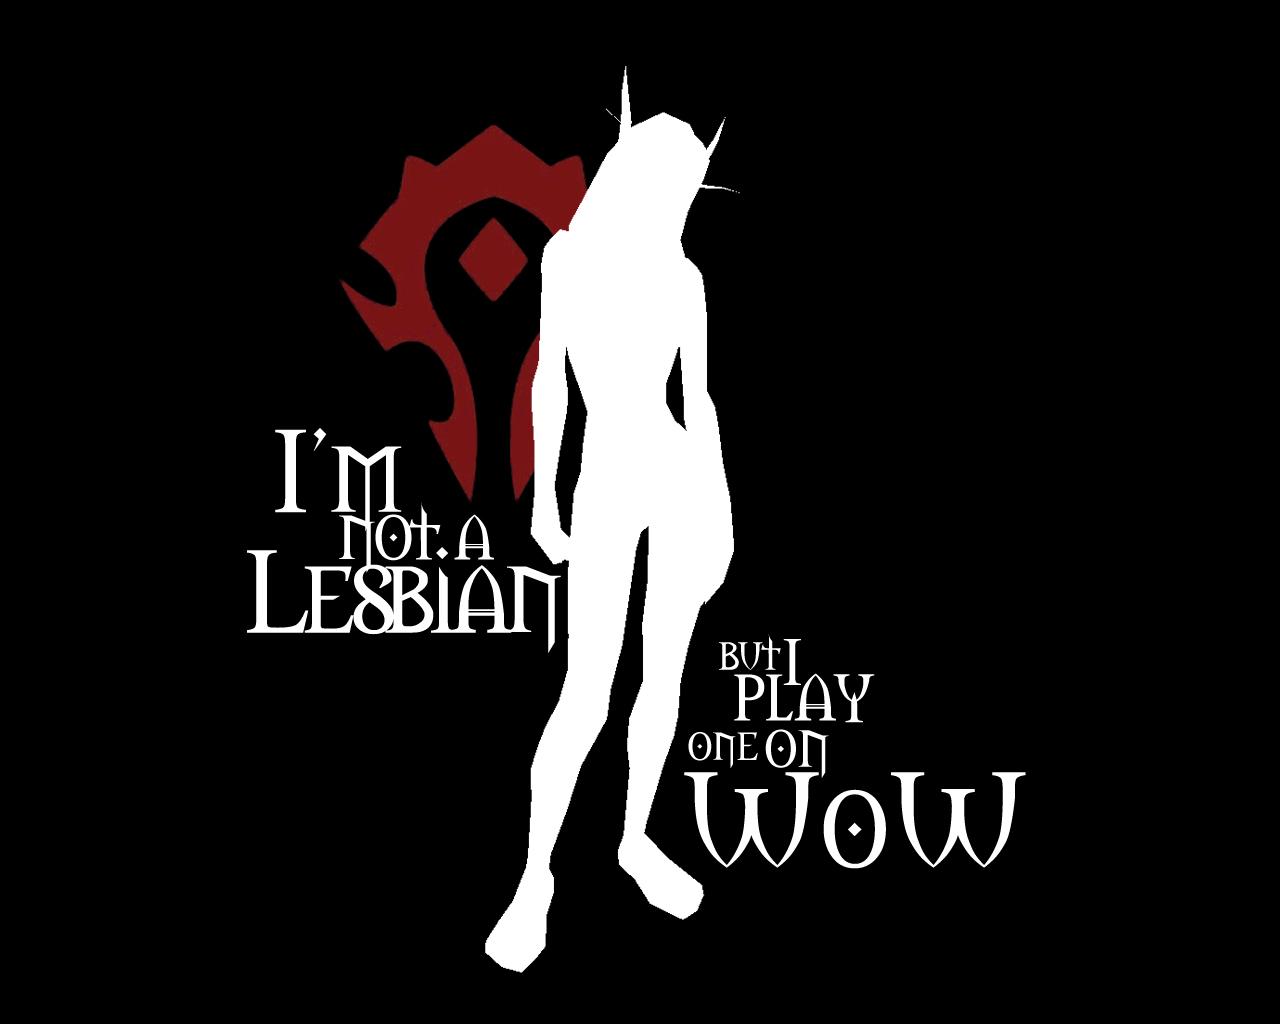 Wow Р±РґСЃРј lesbian erotic thumbs